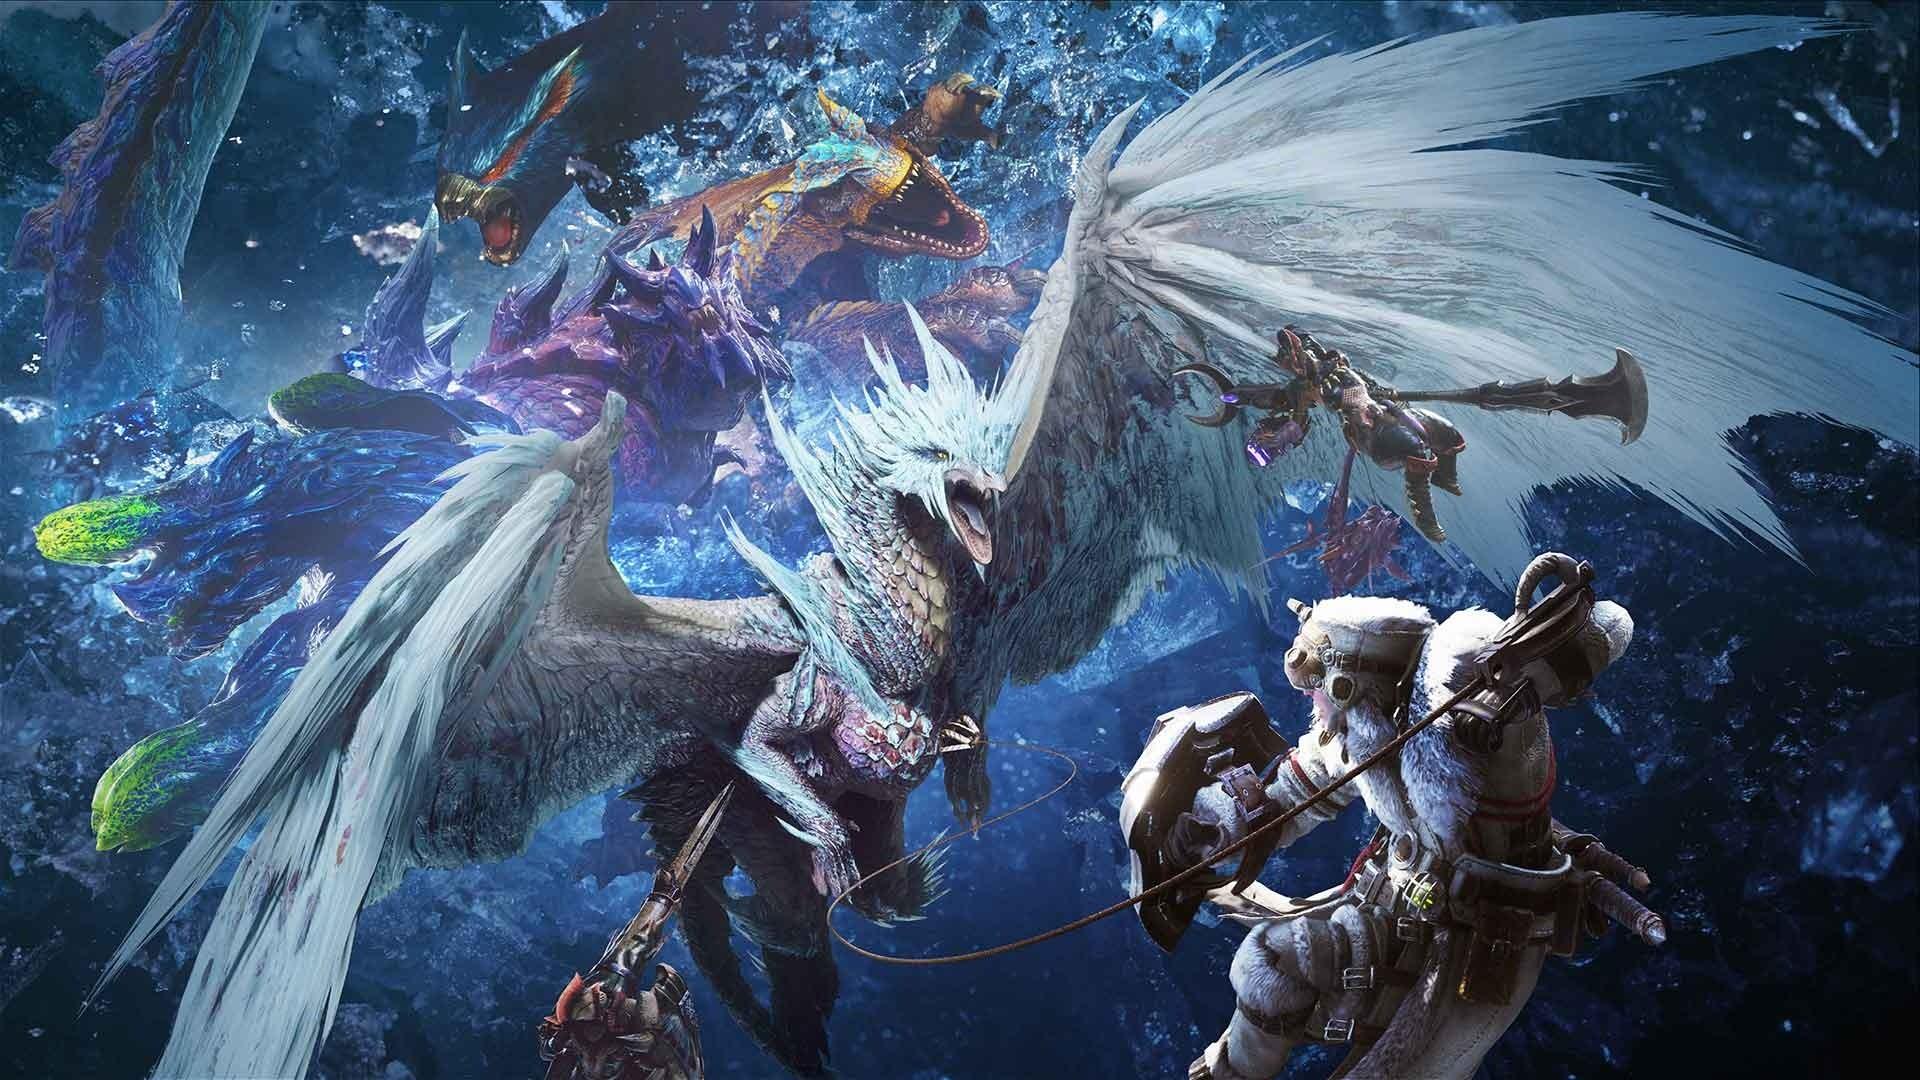 《怪物猎人:世界》冰原全斩斧图鉴